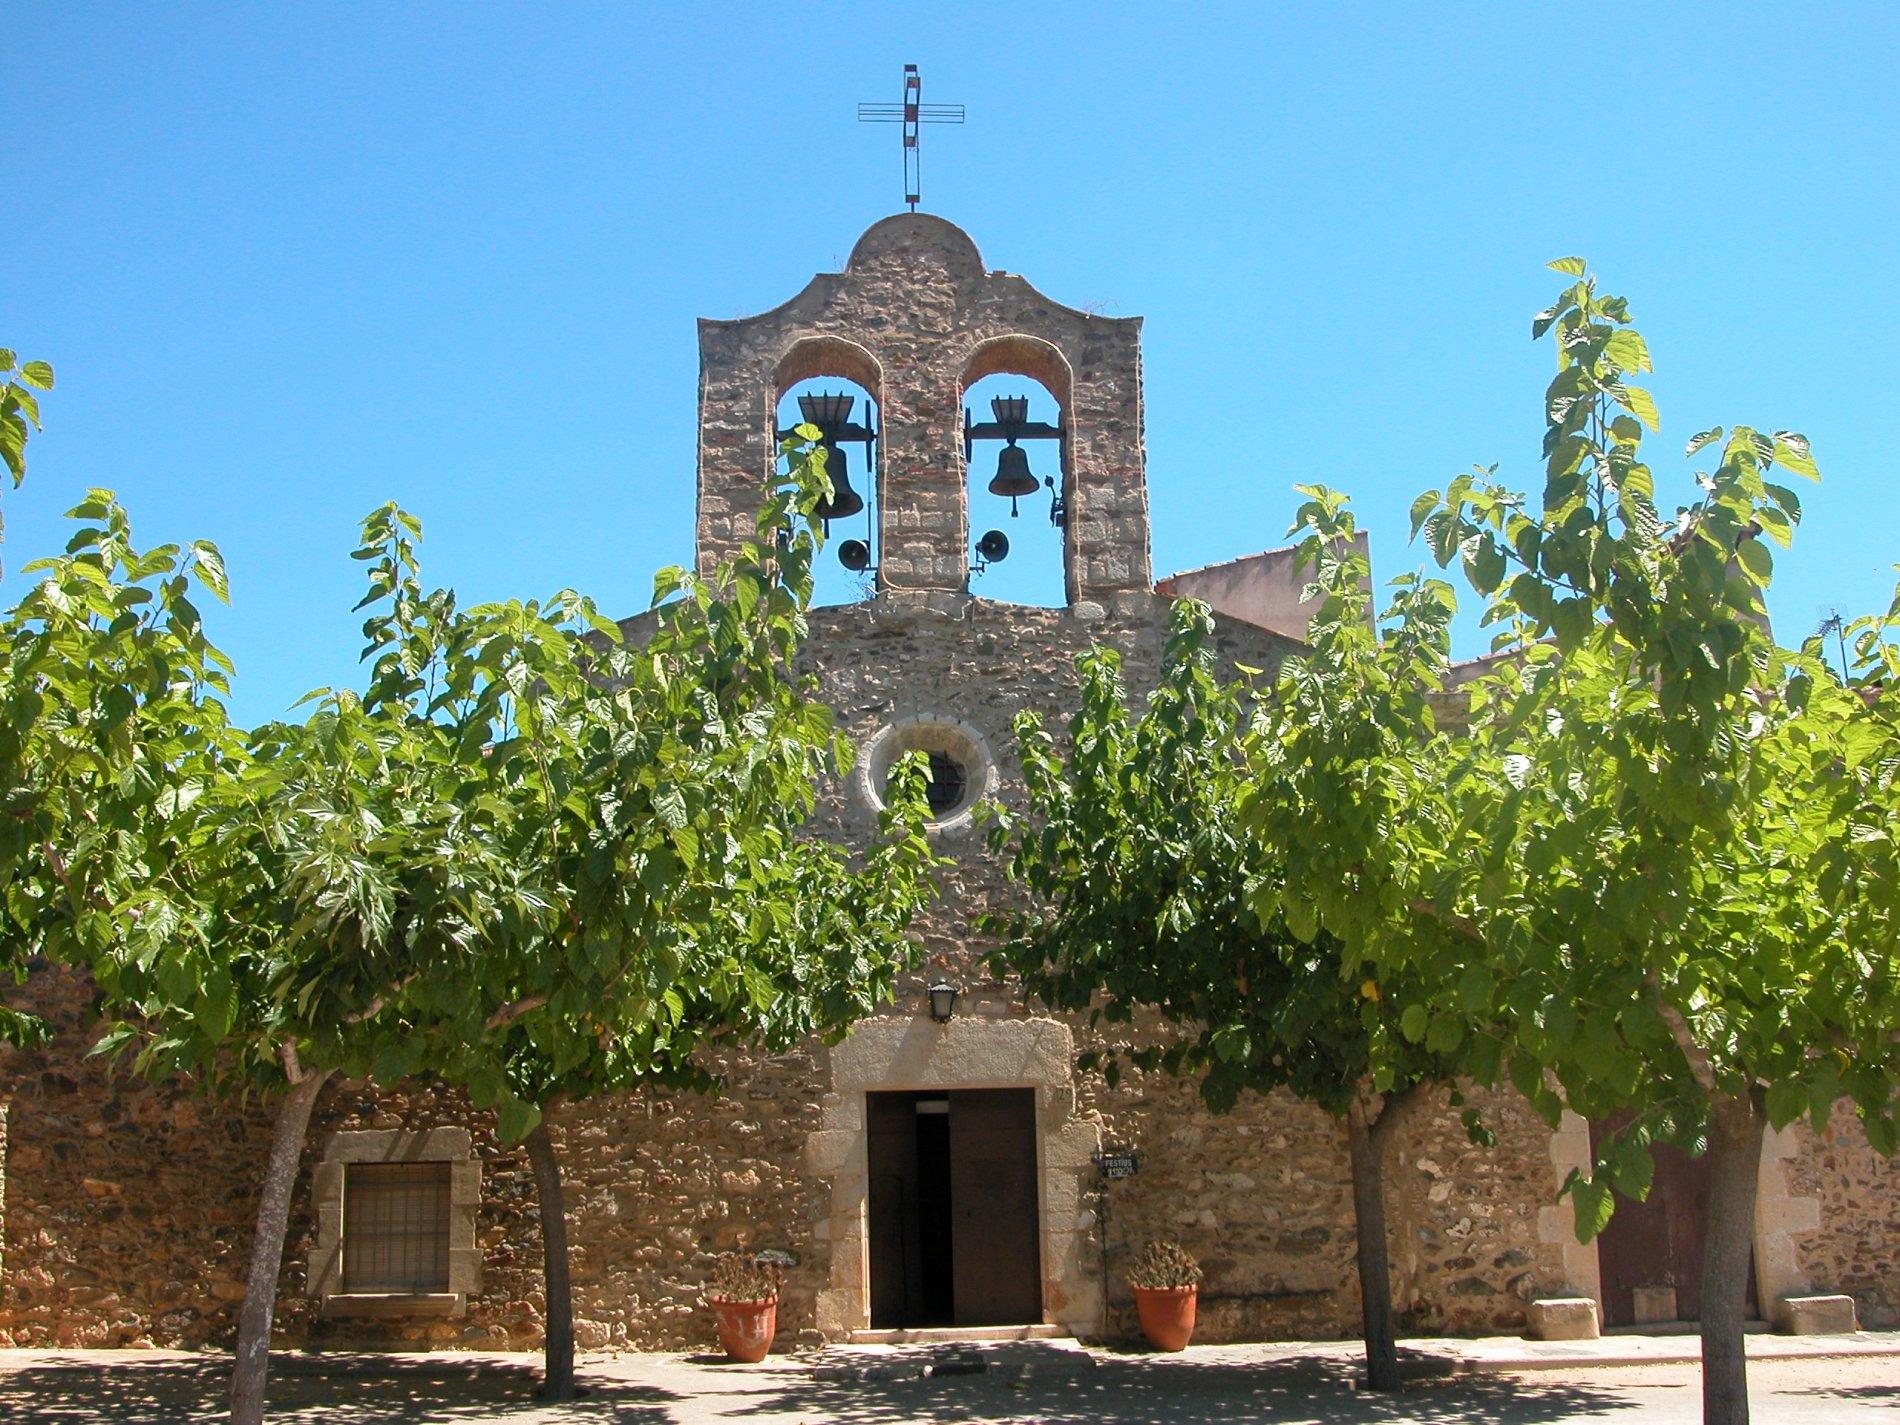 Sant Mateu Nou consta d'una porta principal adovellada i amb un rosetó a la part superior. Coronant la façana principal trobem el campanar d'espadanya. La imatge ens mostra a més, l'agradable placeta de davant amb moreres que hi fan ombra.